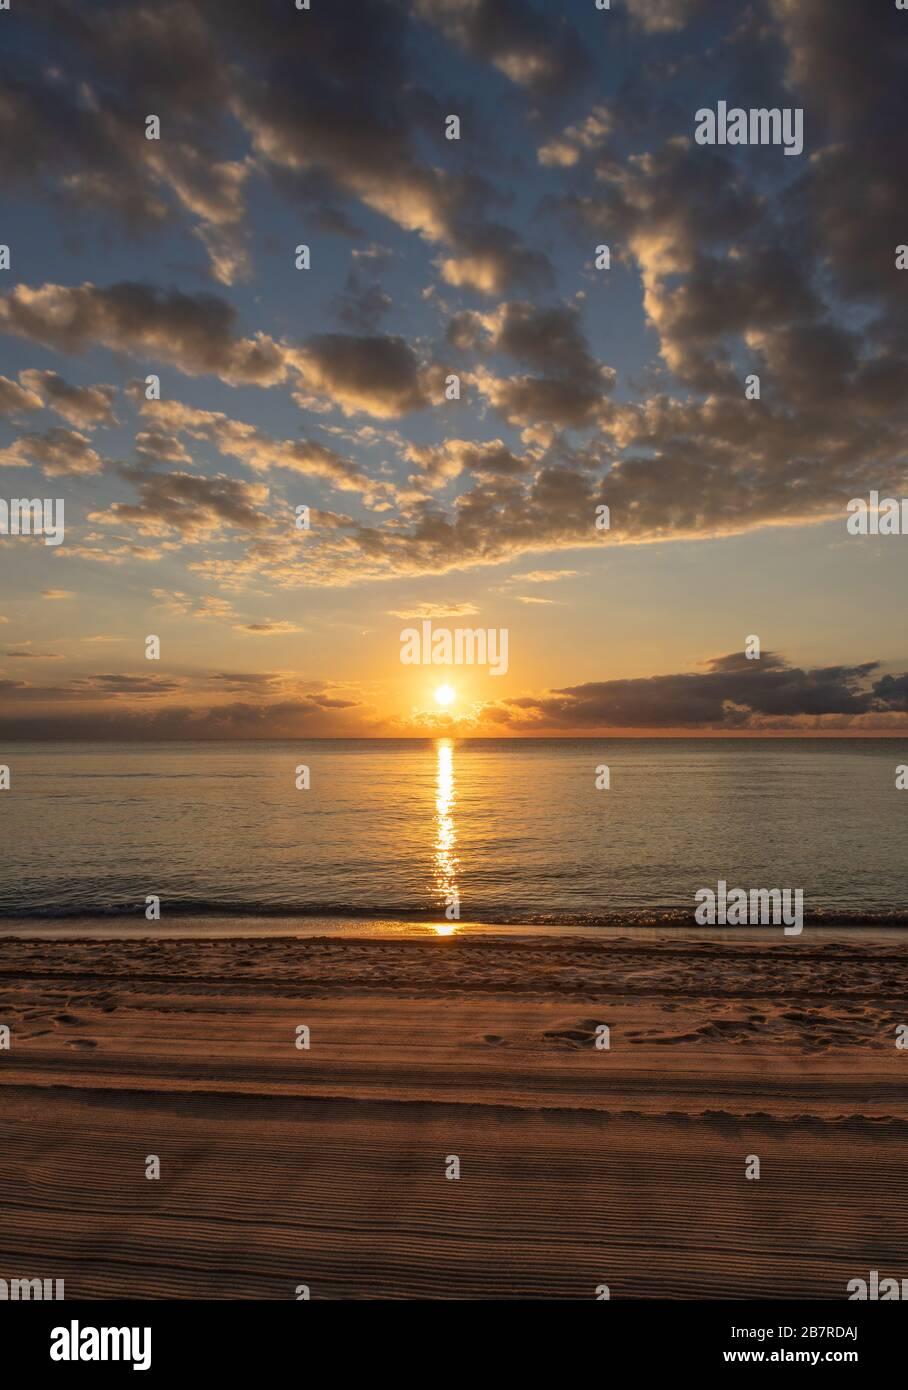 Magnifique lever de soleil près de la plage à Cancun, au Mexique, avec des reflets dorés sur la mer des Caraïbes. Banque D'Images